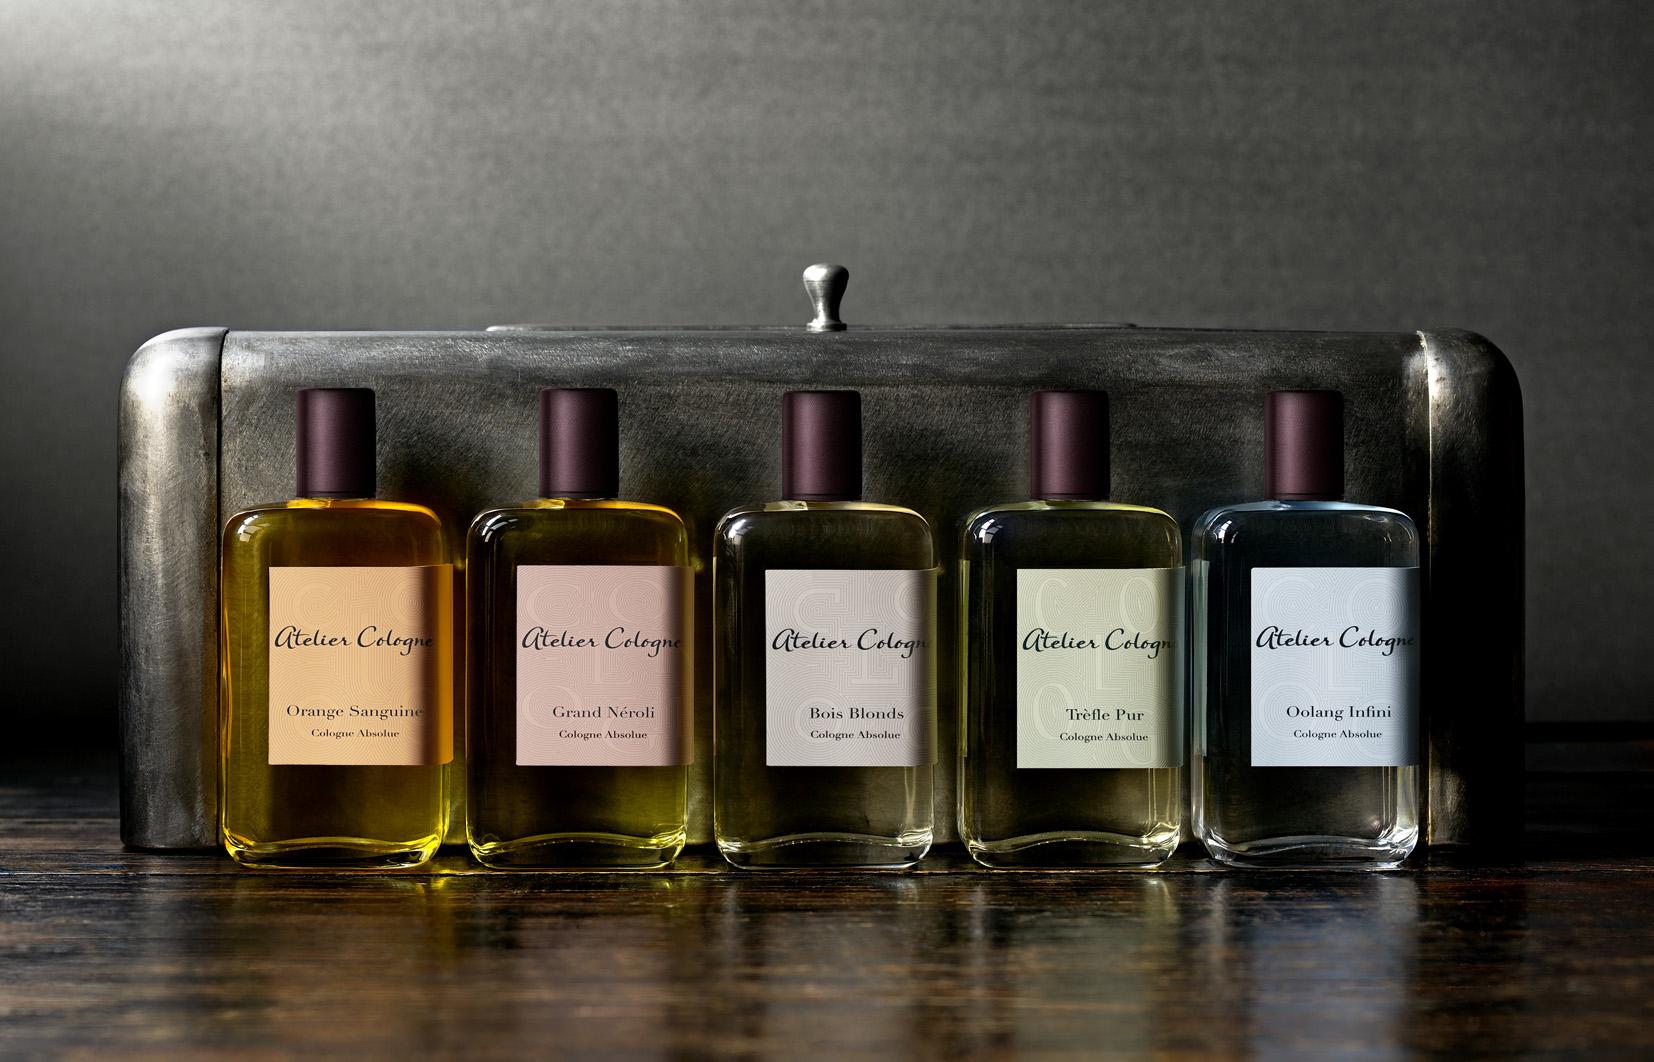 atelier cologne maison de parfums frais paris. Black Bedroom Furniture Sets. Home Design Ideas